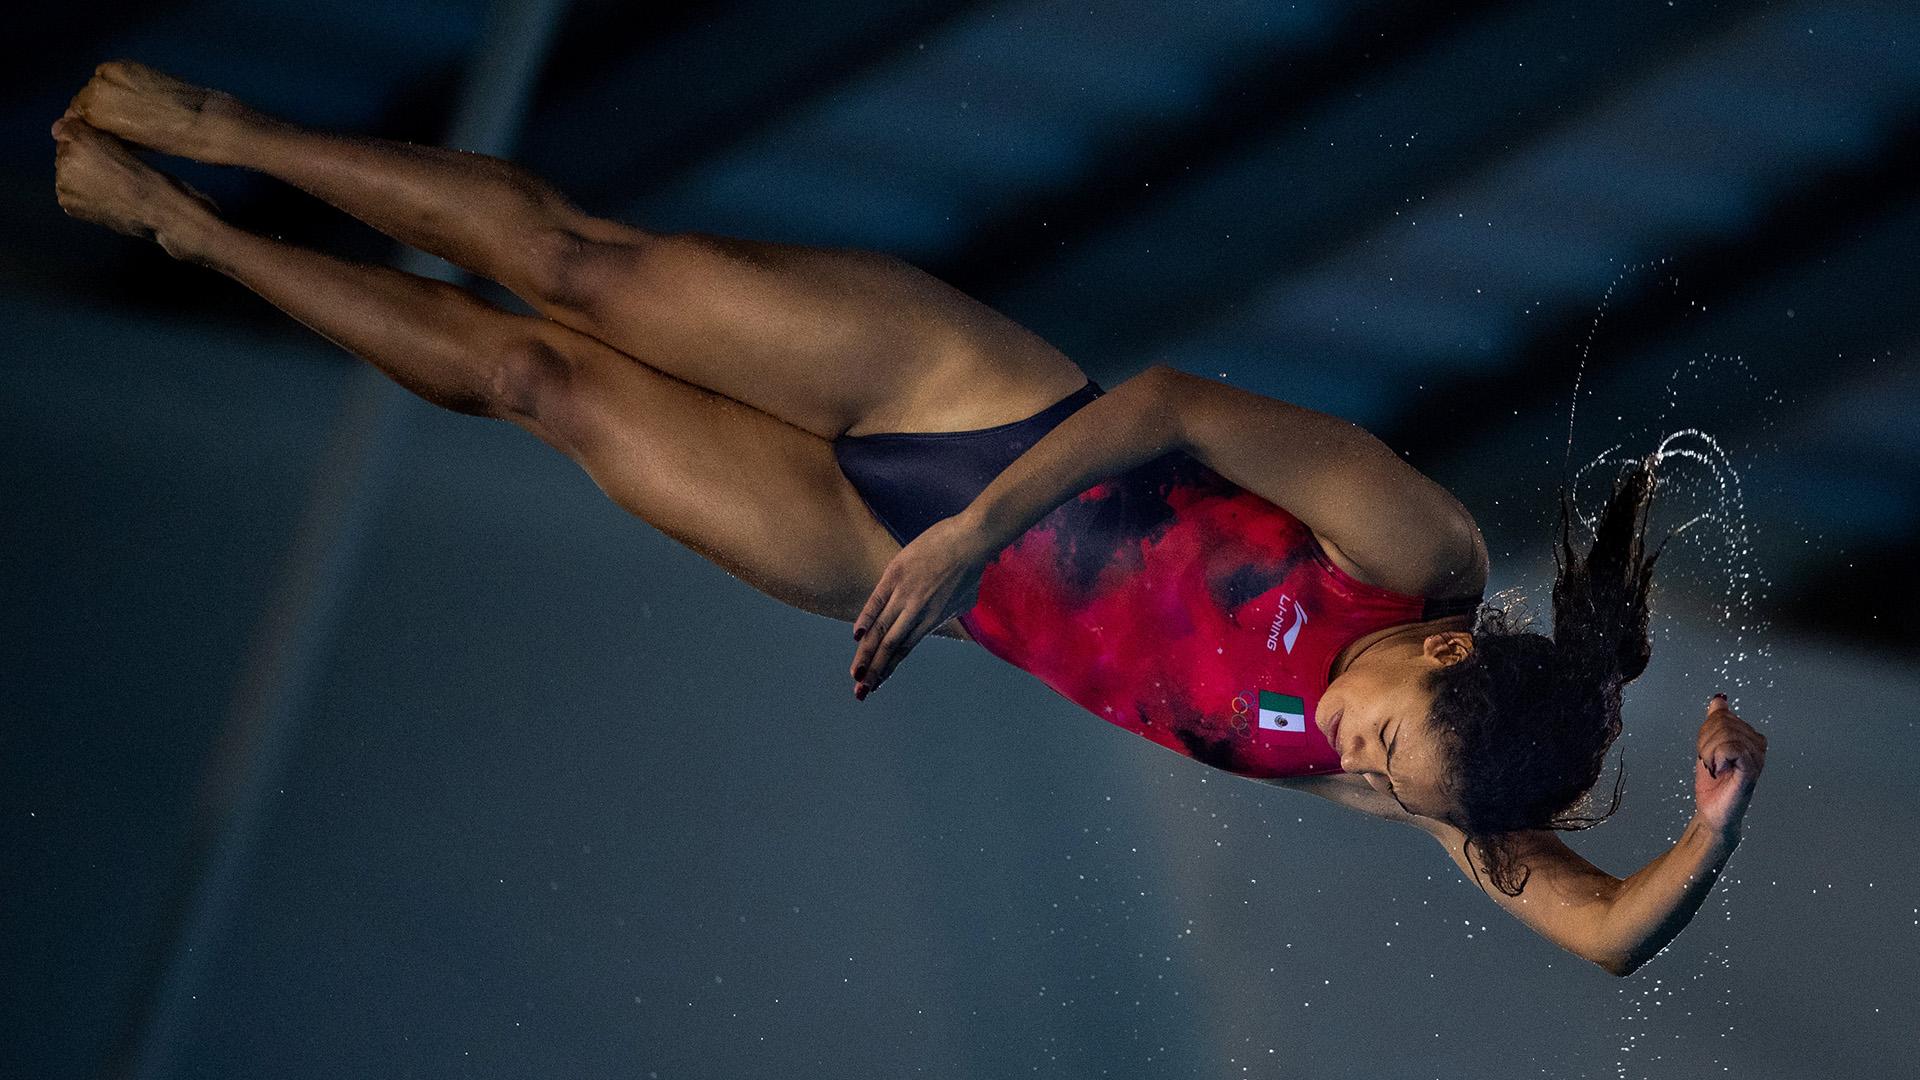 Gabriela Belem Agundes Garcia de México a punto de sumergirse en las aguas del natatorio del Parque Olímpico (Foto:REUTERS)